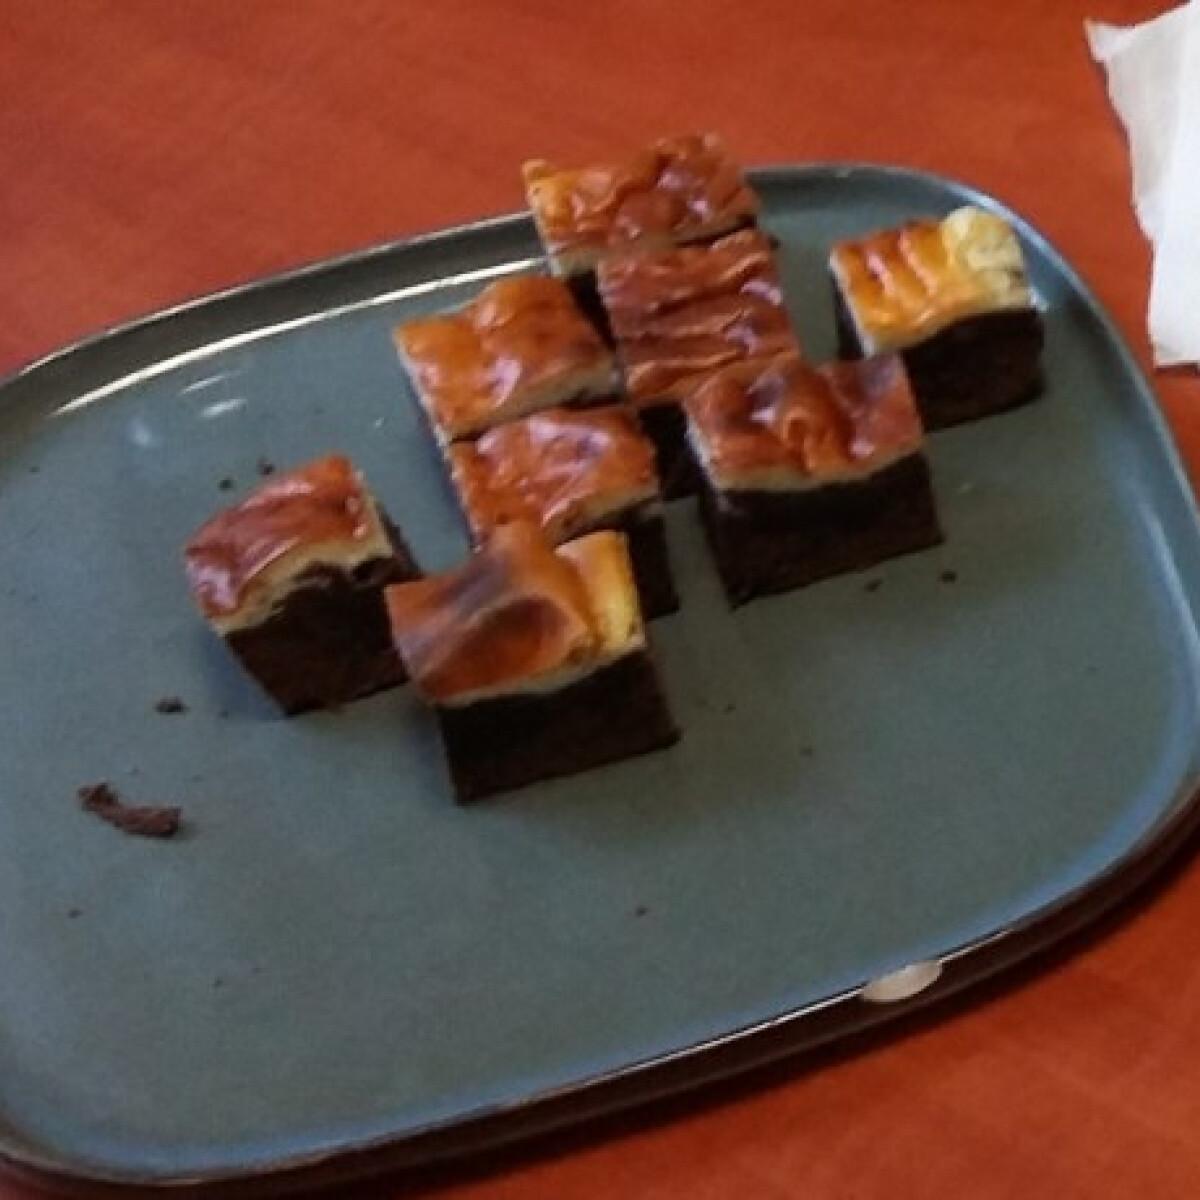 Ezen a képen: Krémsajtos brownie etoc konyhájából